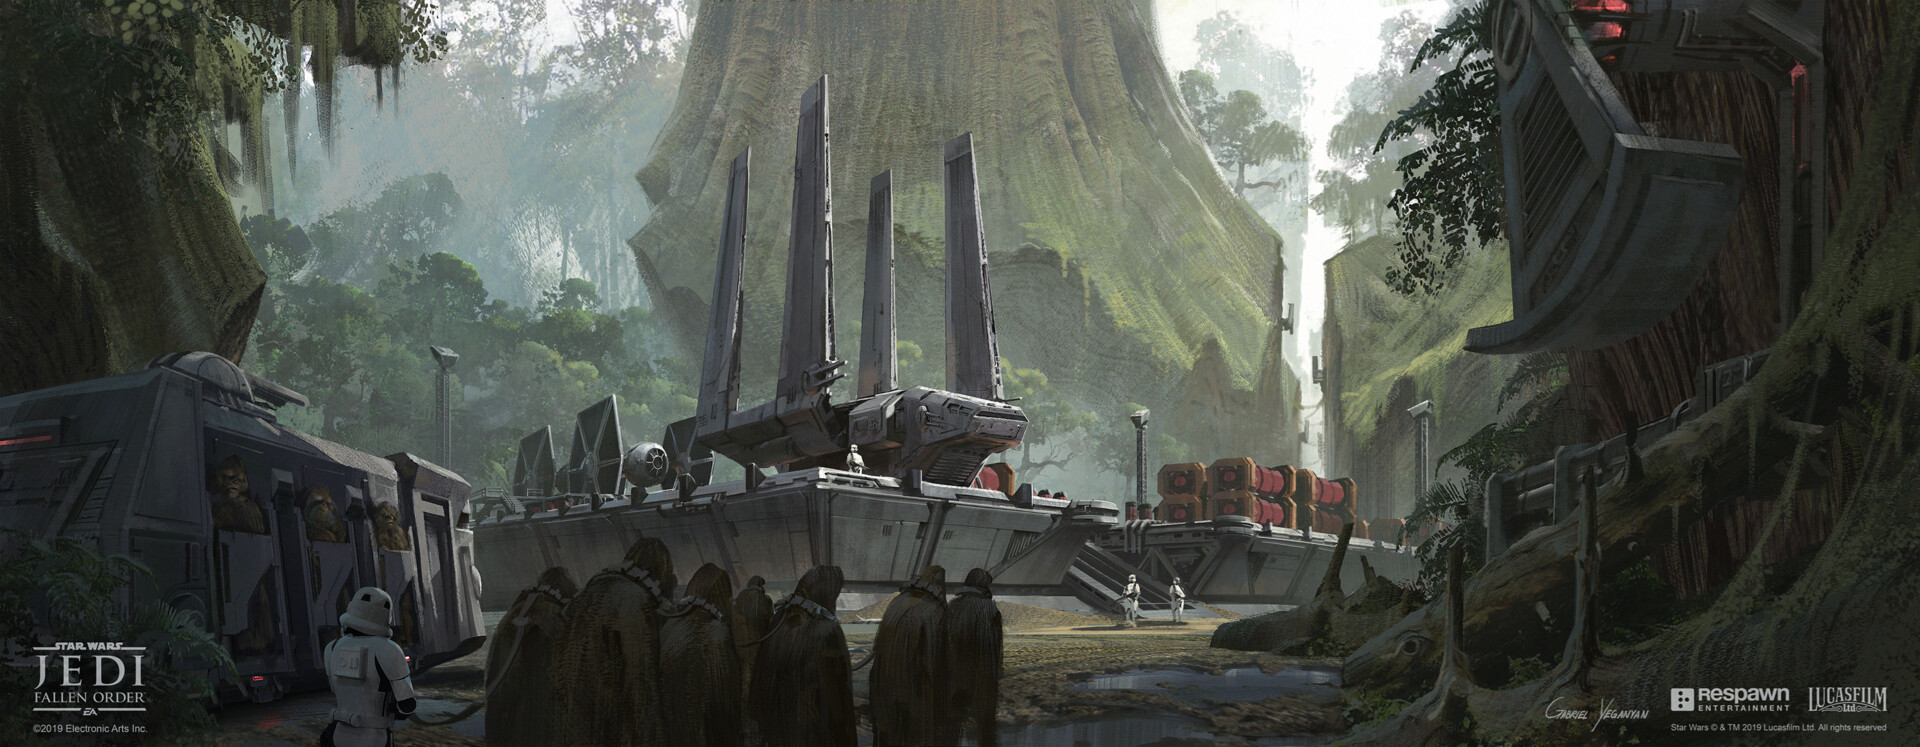 gabriel-yeganyan-imperial-landing-px-wip